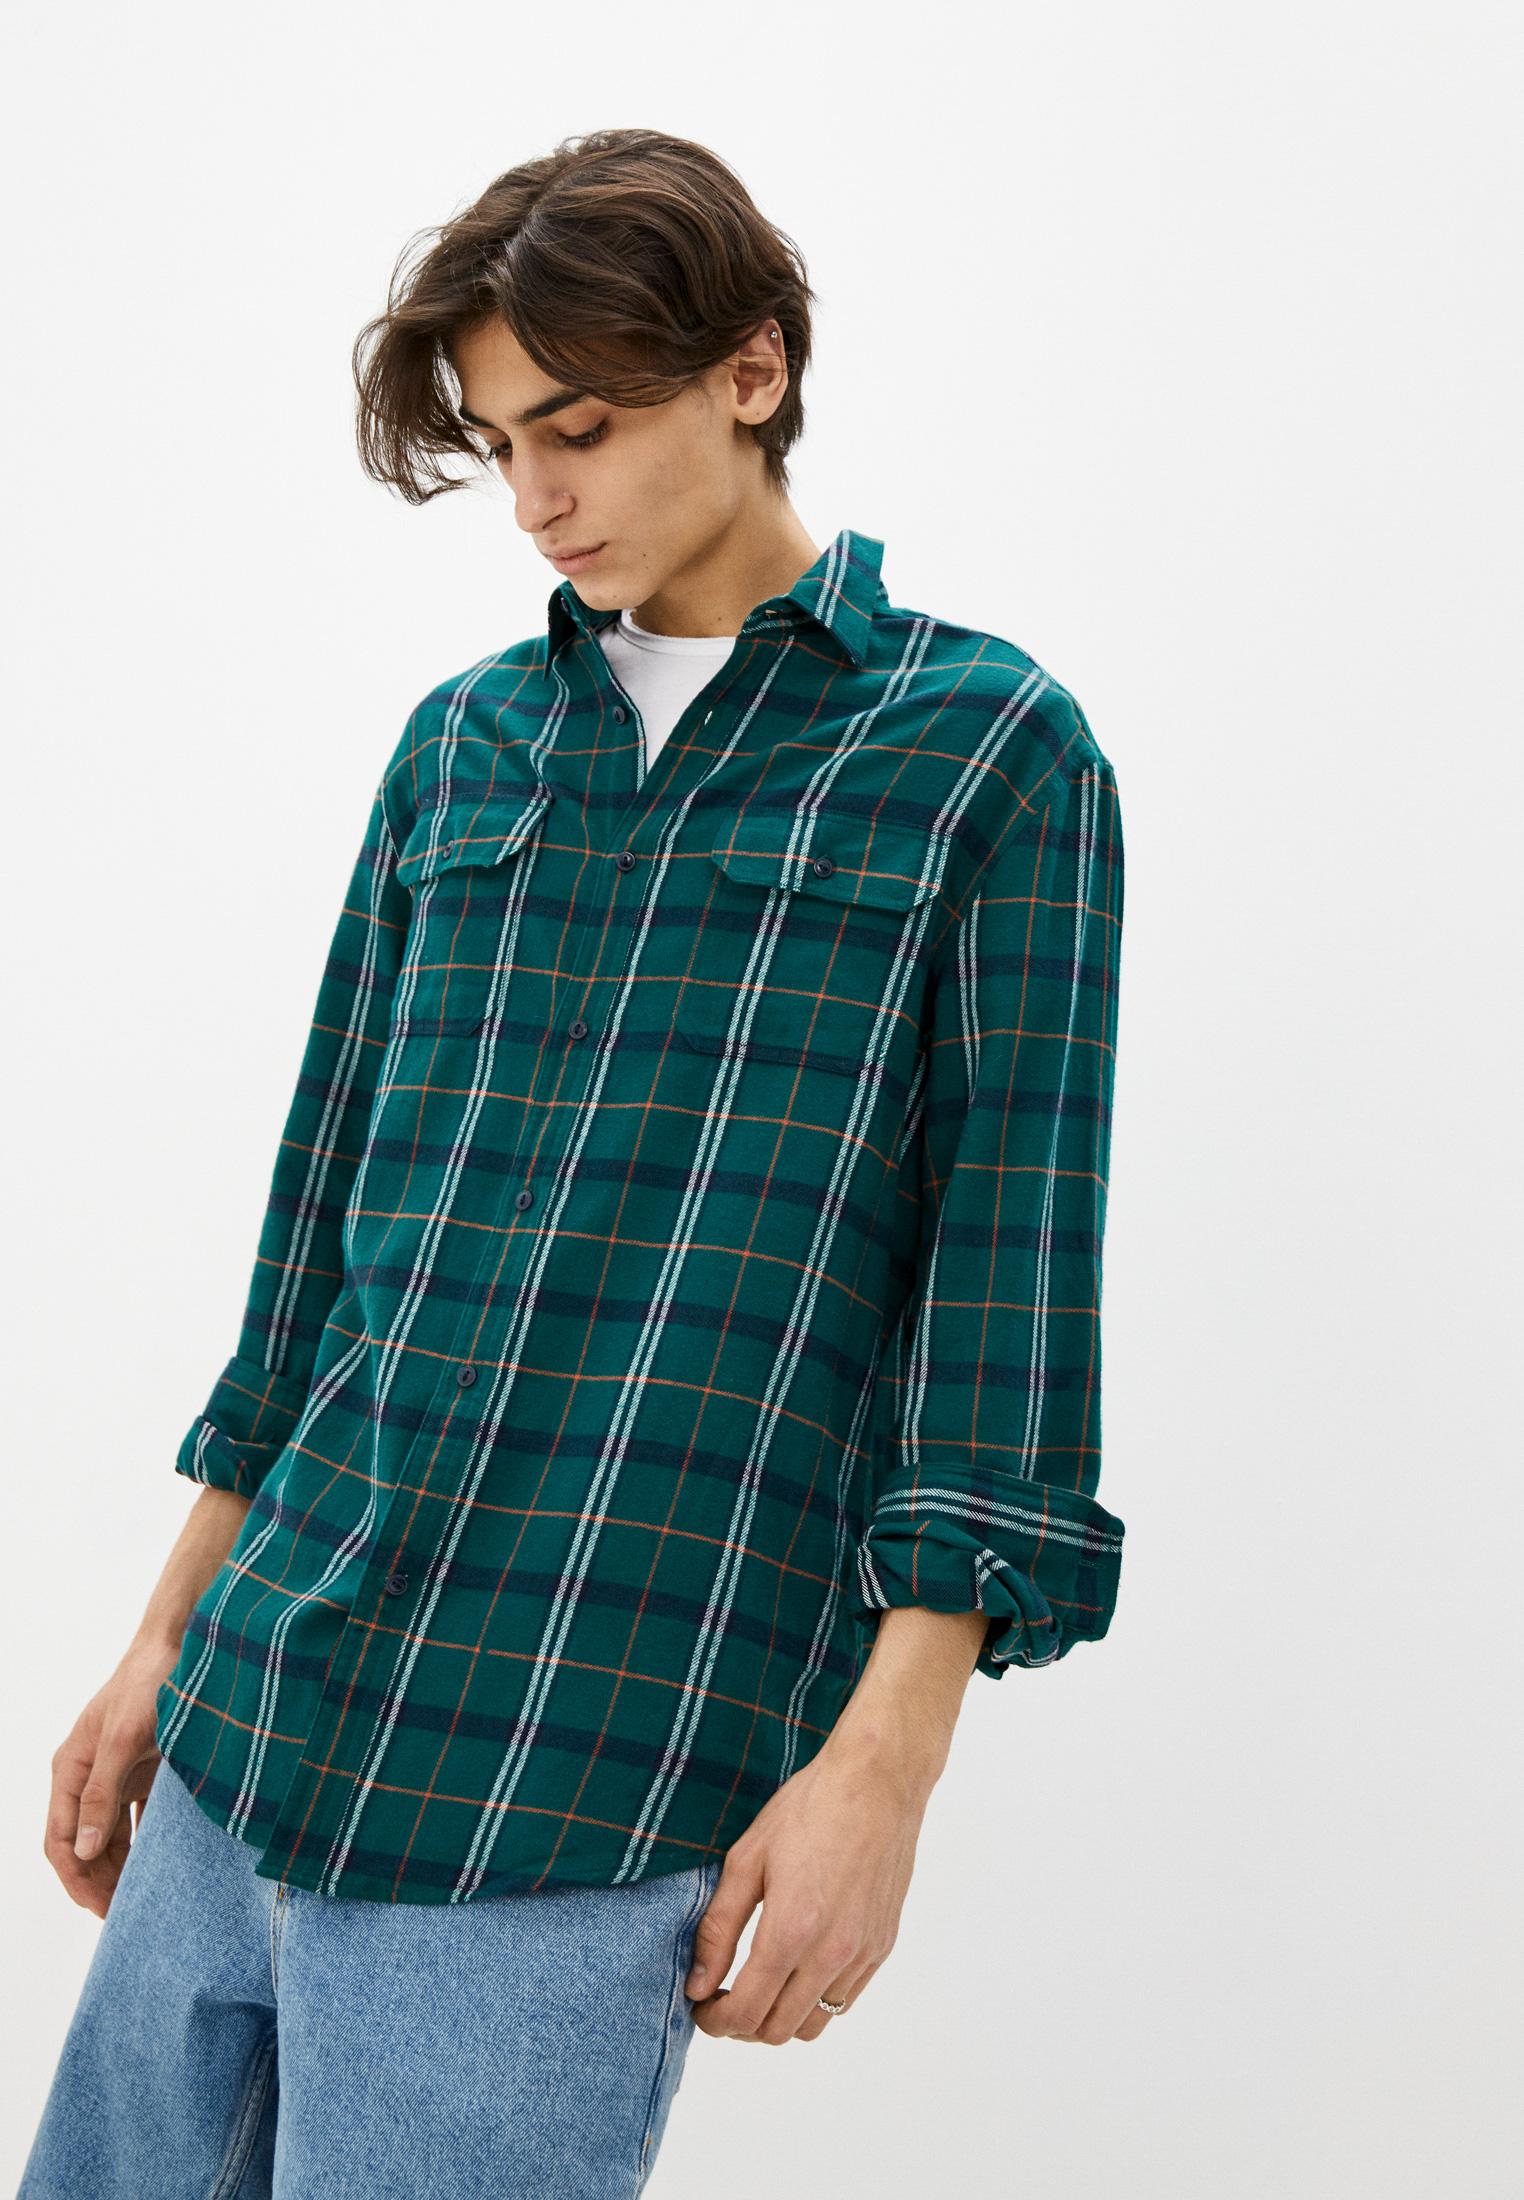 Рубашка с длинным рукавом J. Hart & Bros Рубашка J. Hart & Bros